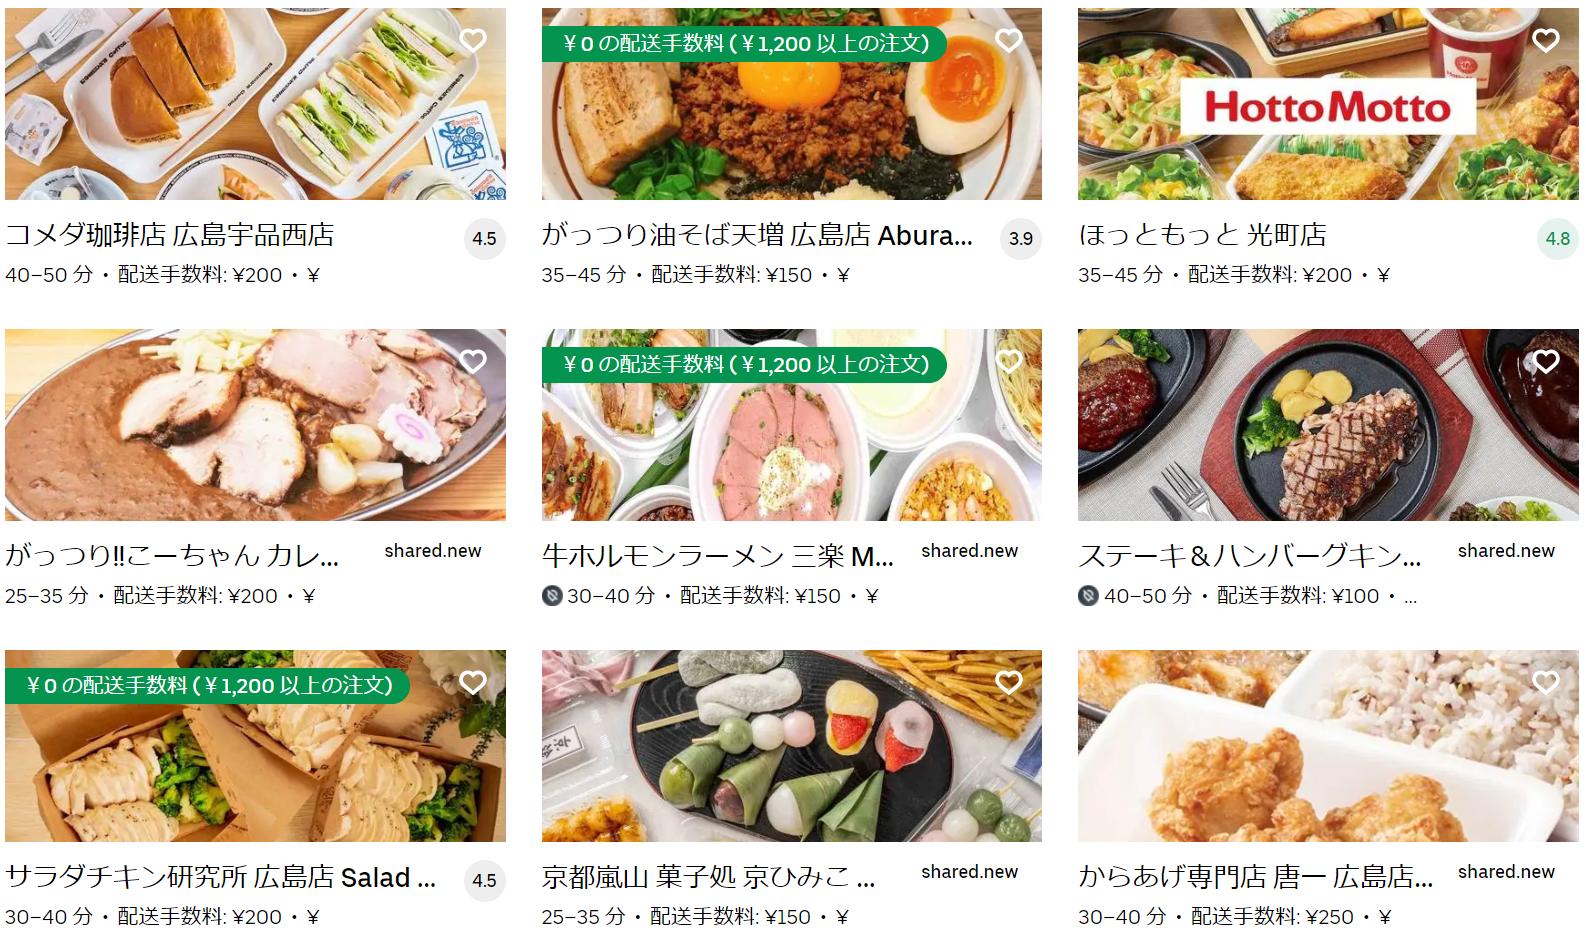 広島市南区エリアのUber Eats(ウーバーイーツ)メニュー